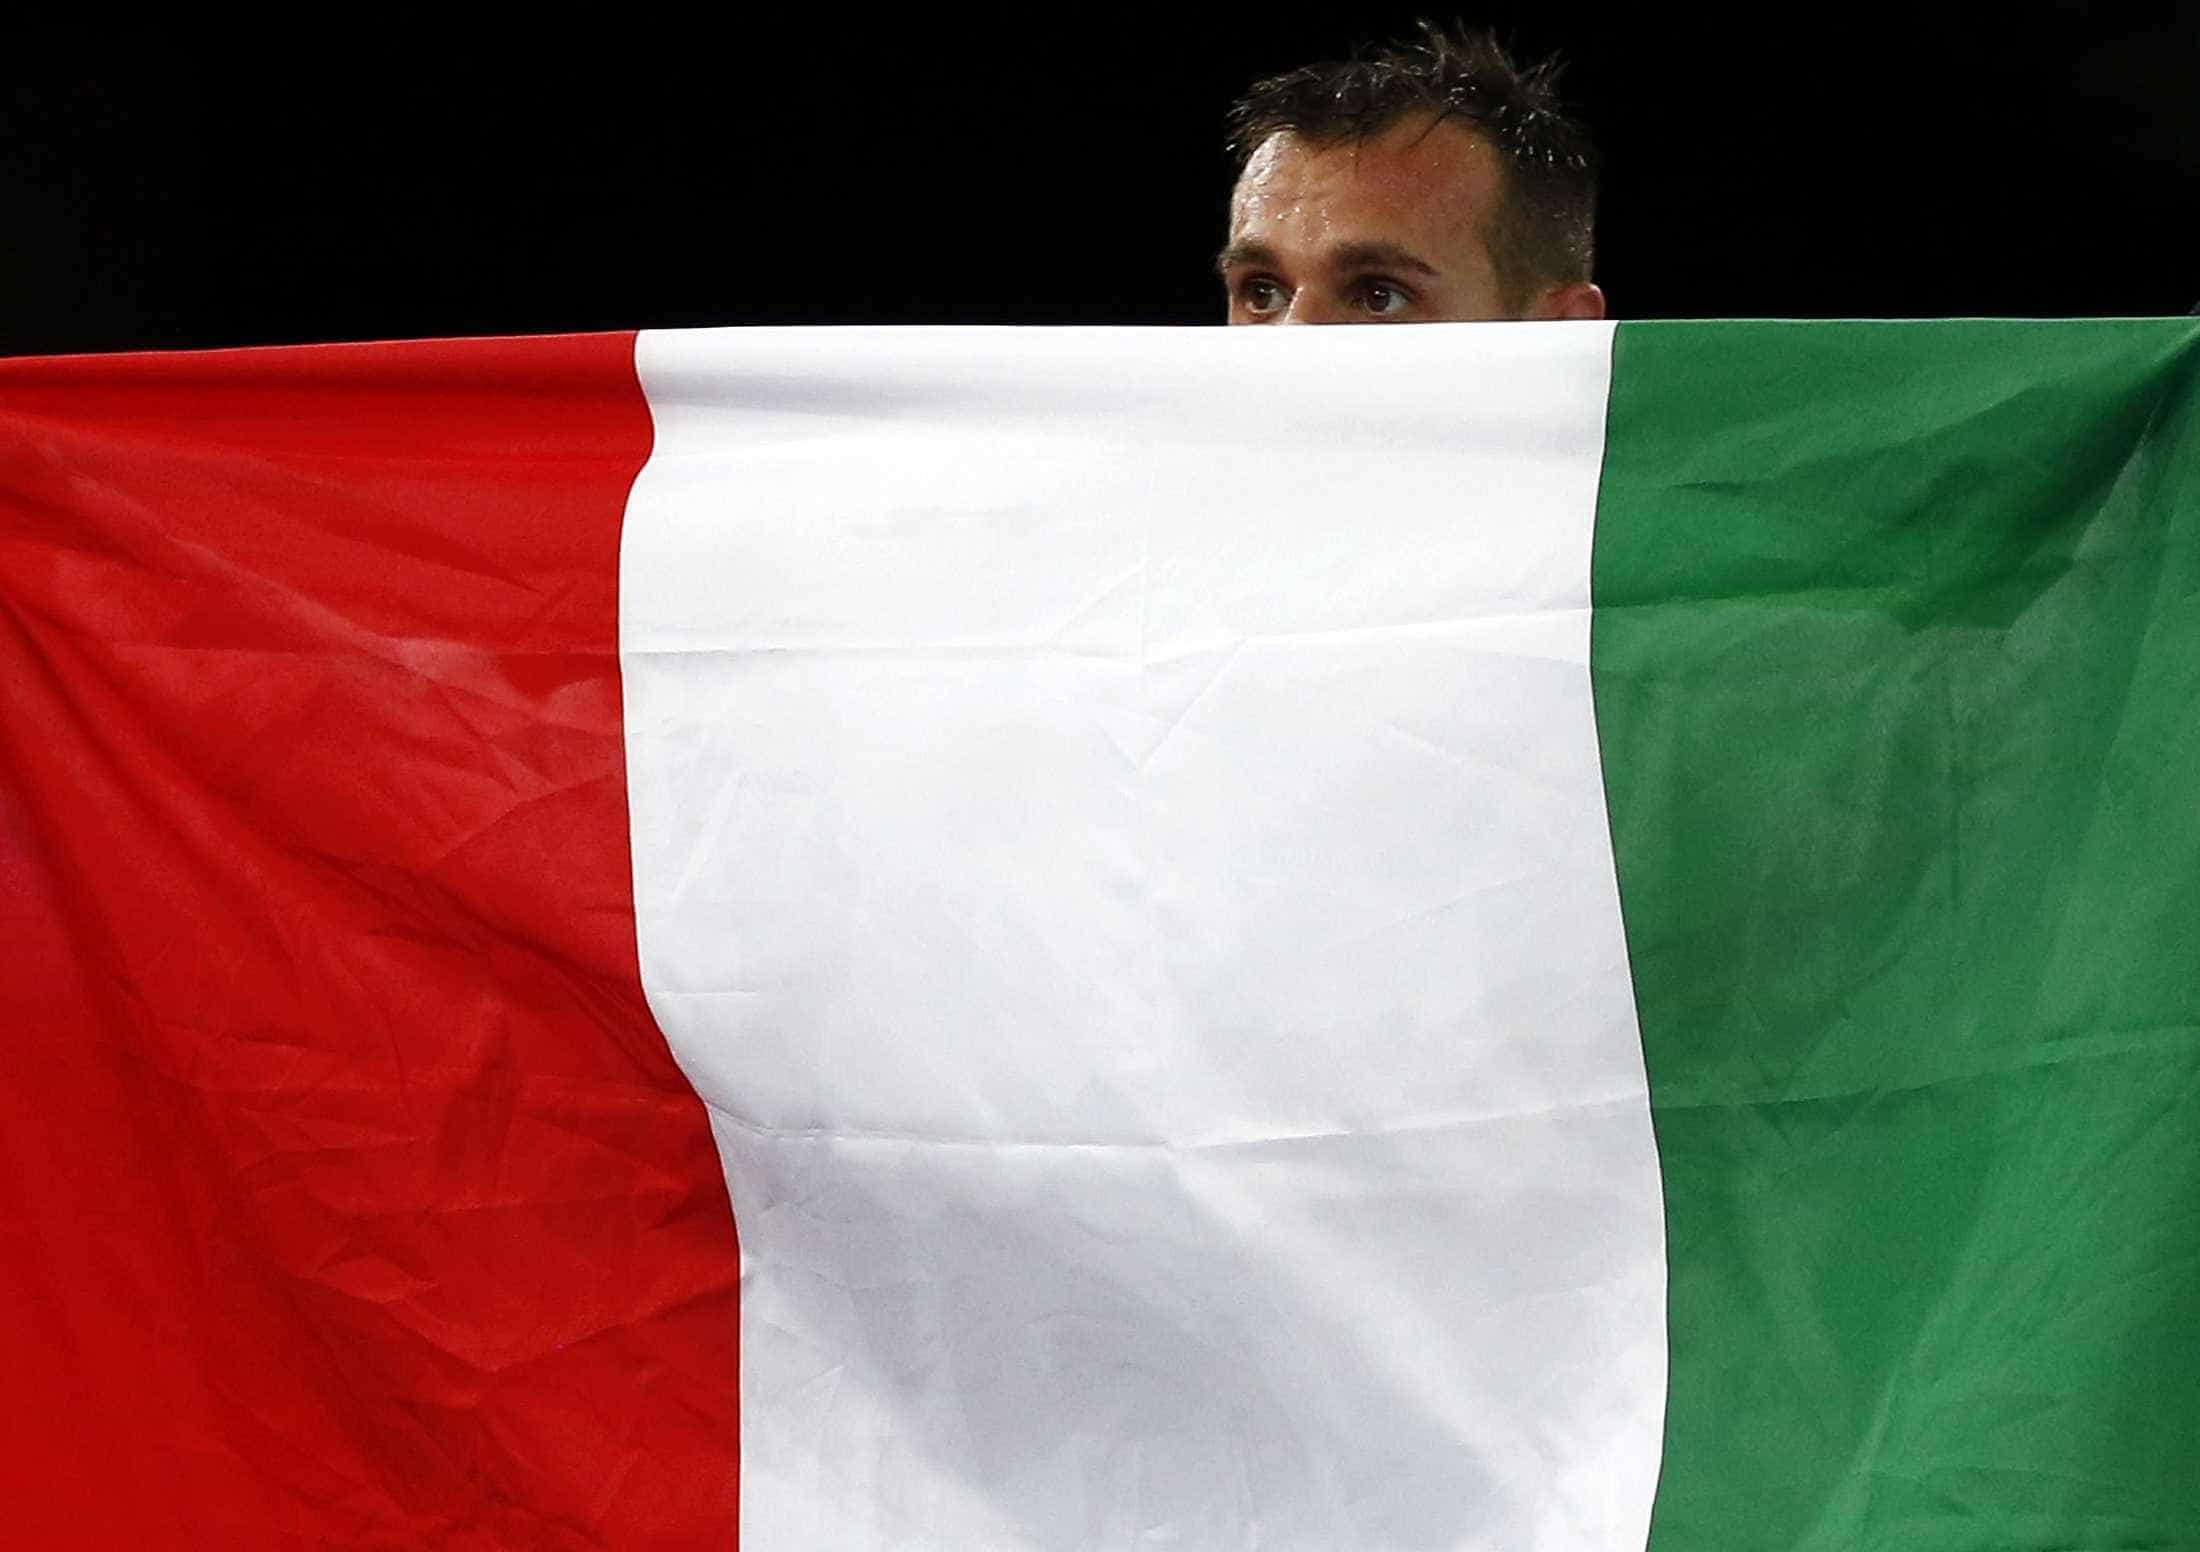 Confirma-se. Economia italiana entrou em recessão no 4.º trimestre